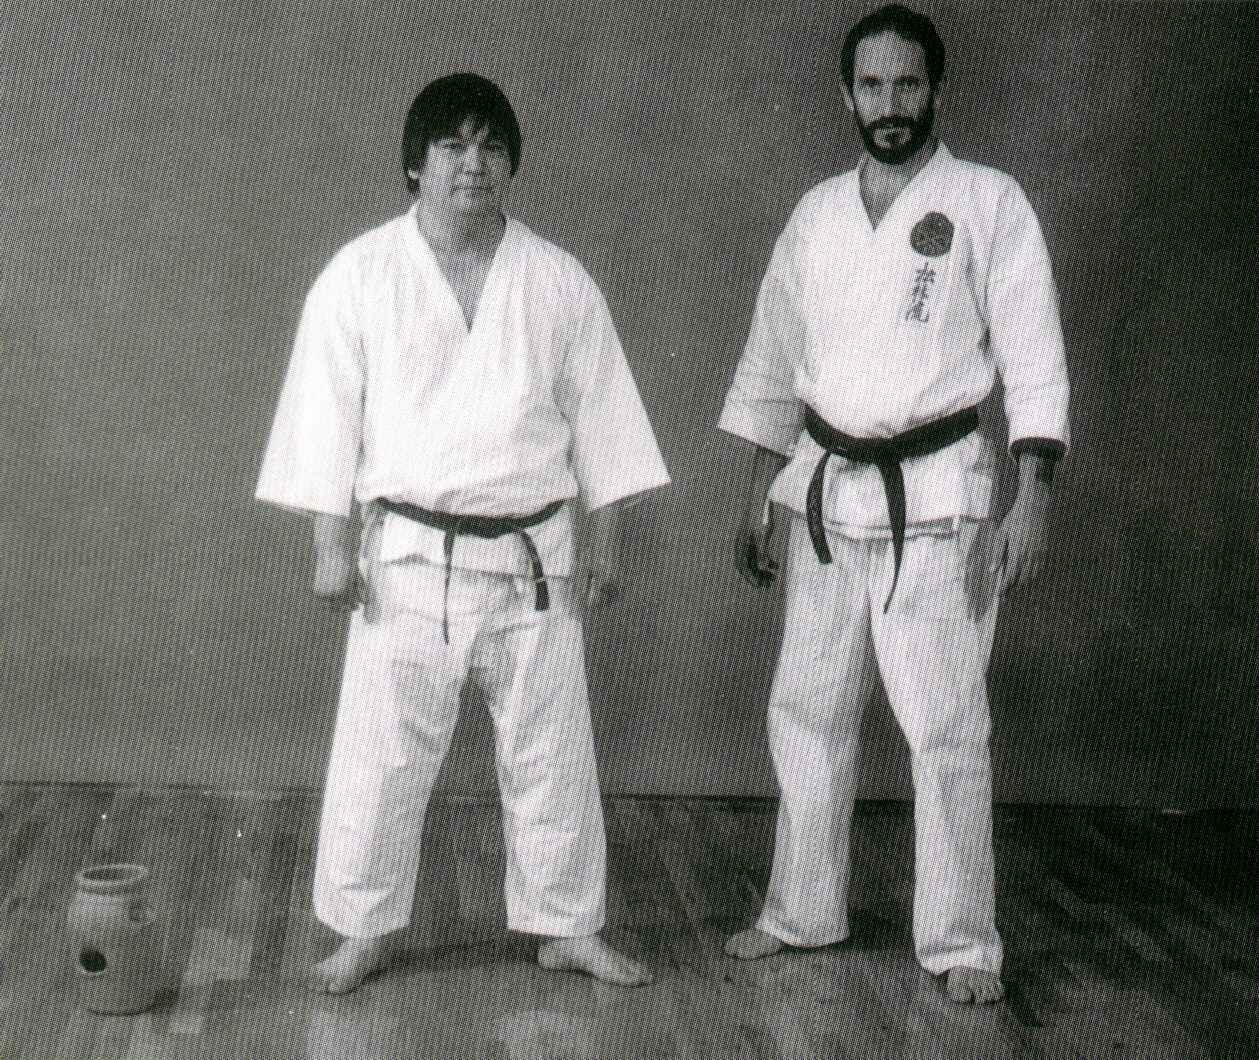 Grand Master Ansei Ueshiro & Kyoshi Robert Scaglione 1992